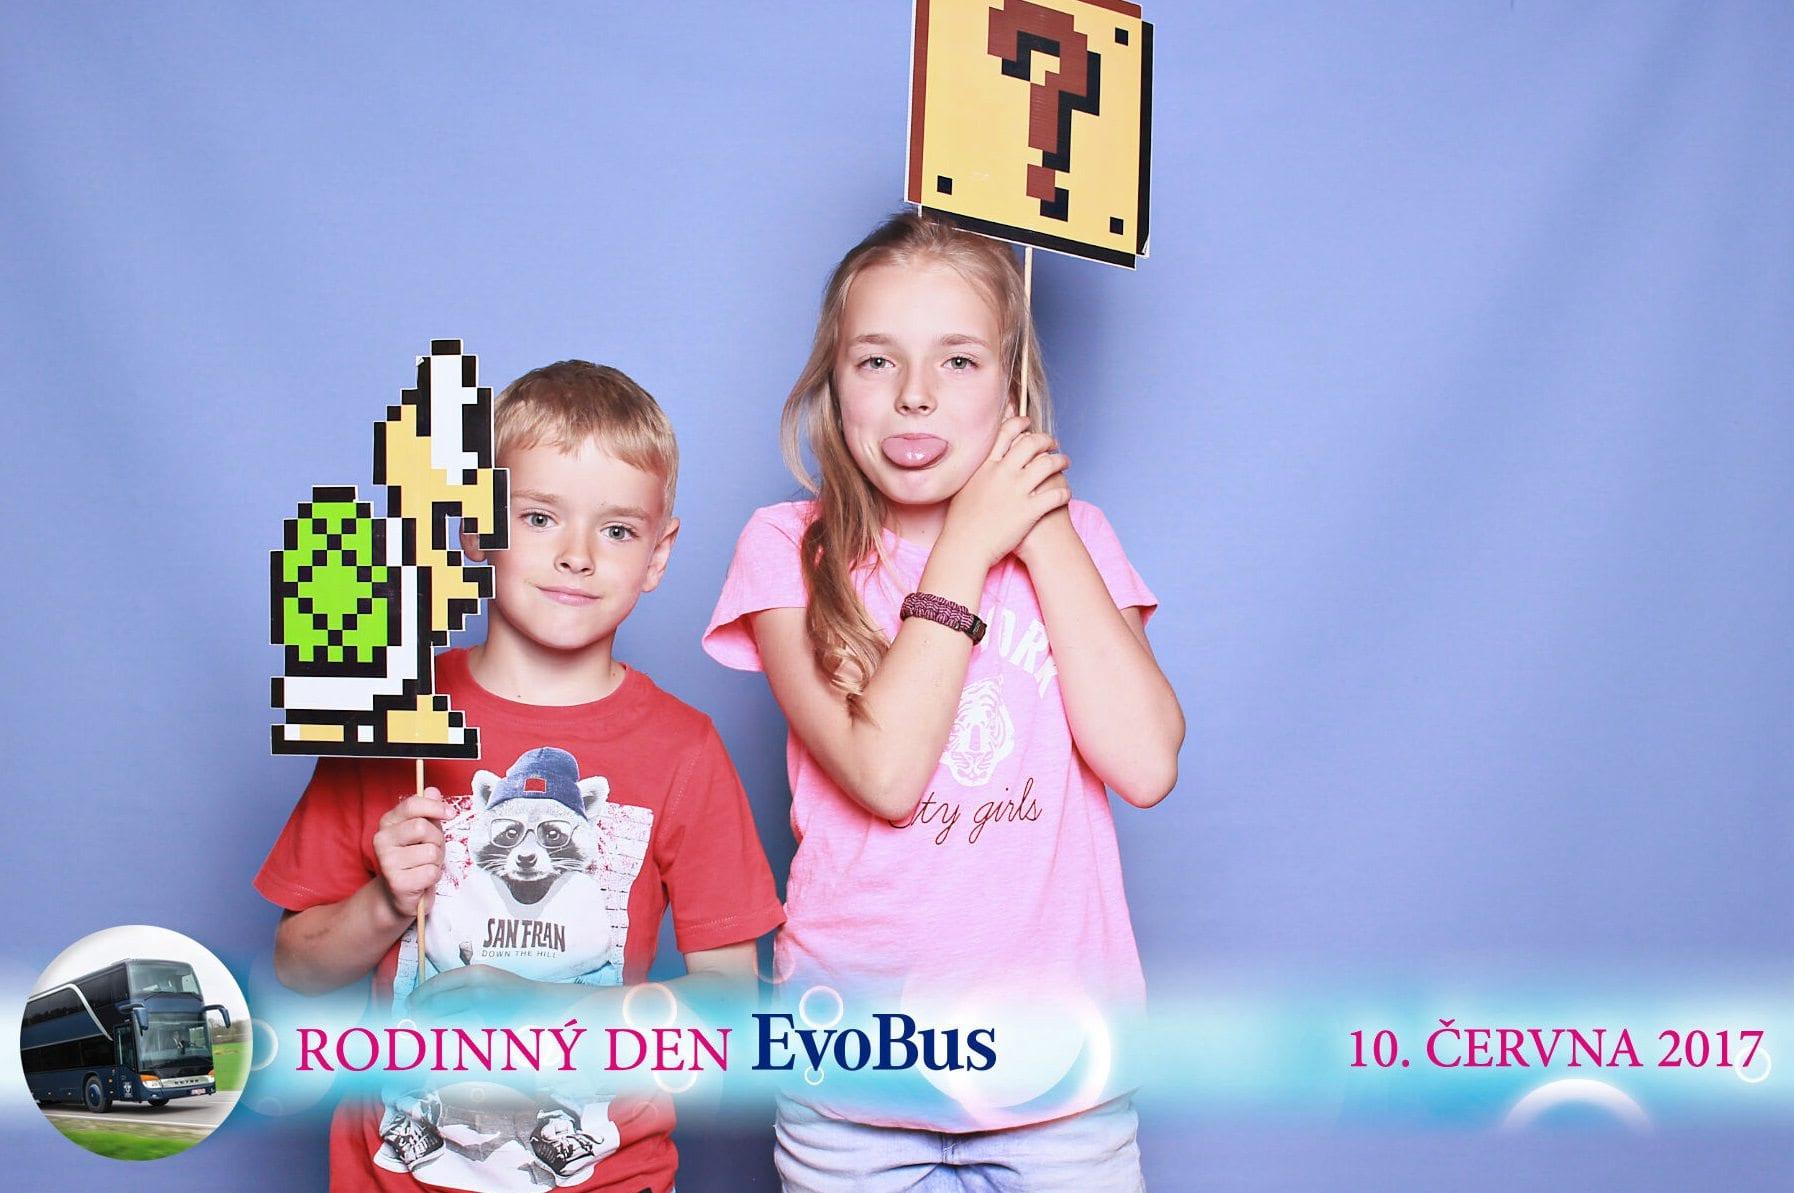 fotokoutek-rodinny-den-evobus-10-6-2017-264367